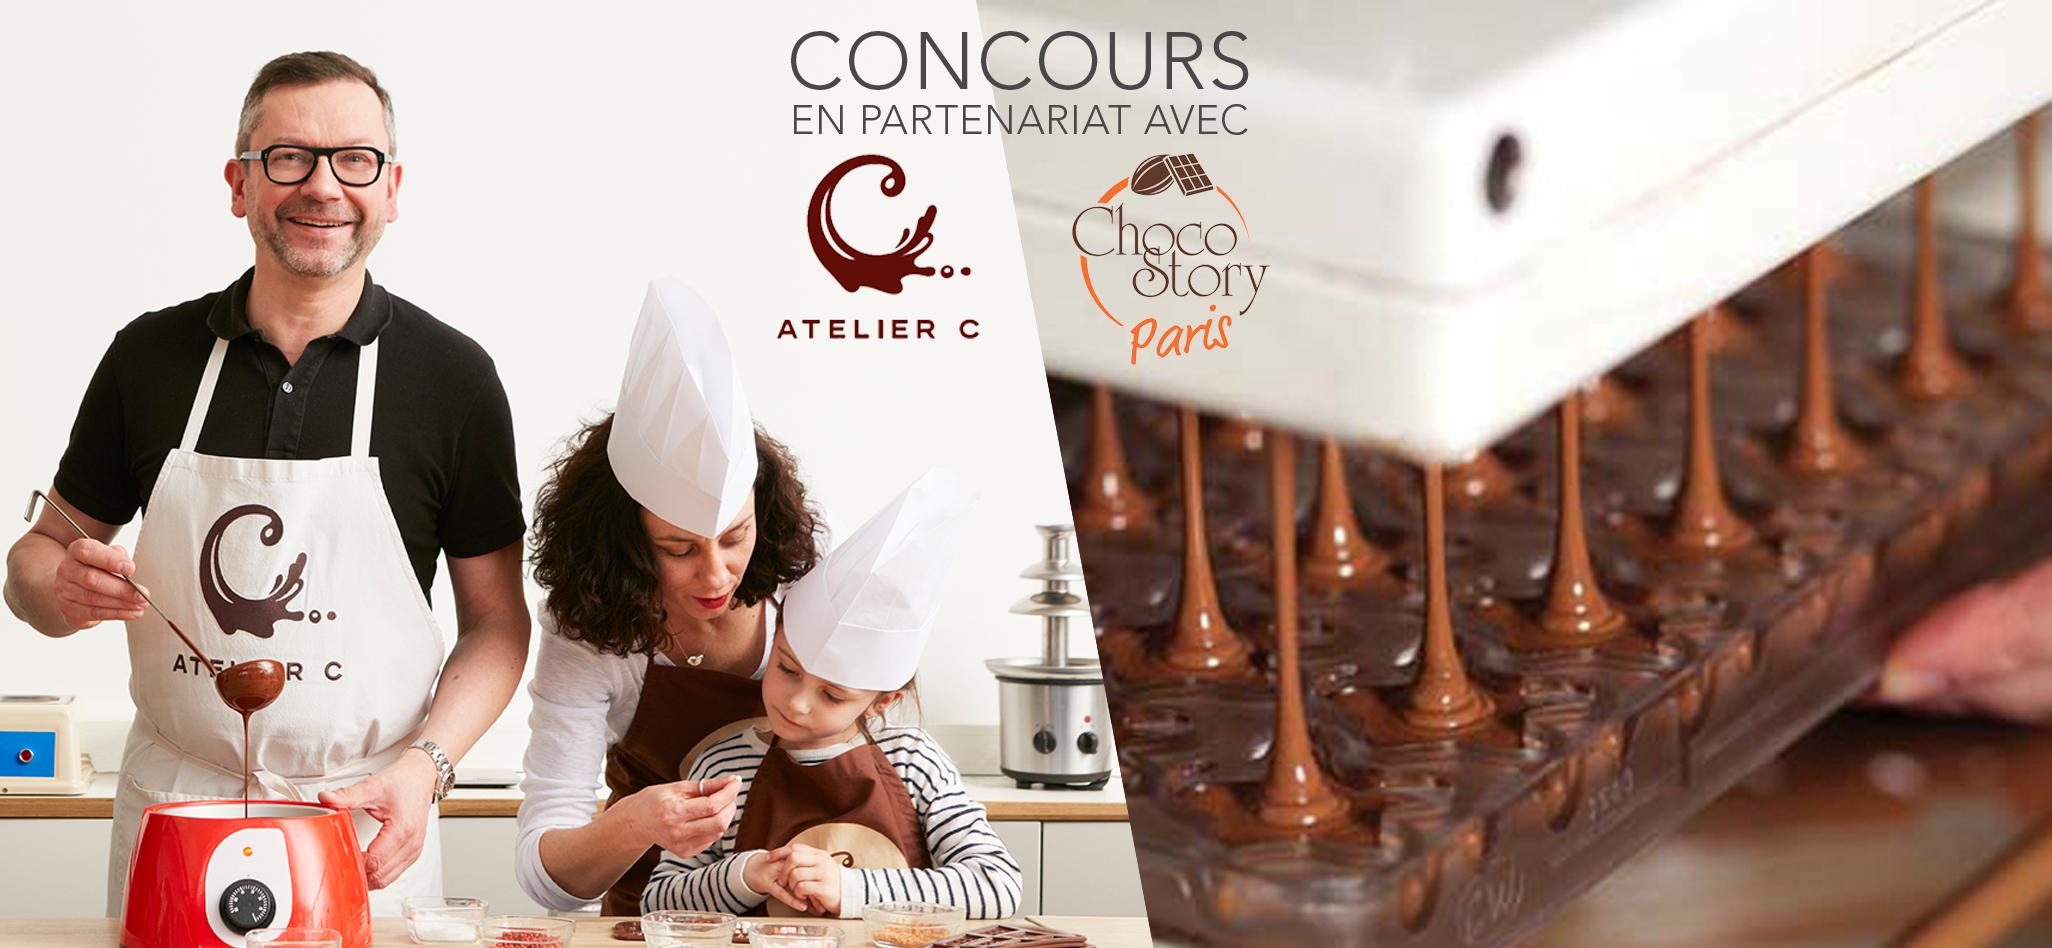 [Concours] ChocoClic vous ouvre les portes du monde du chocolat